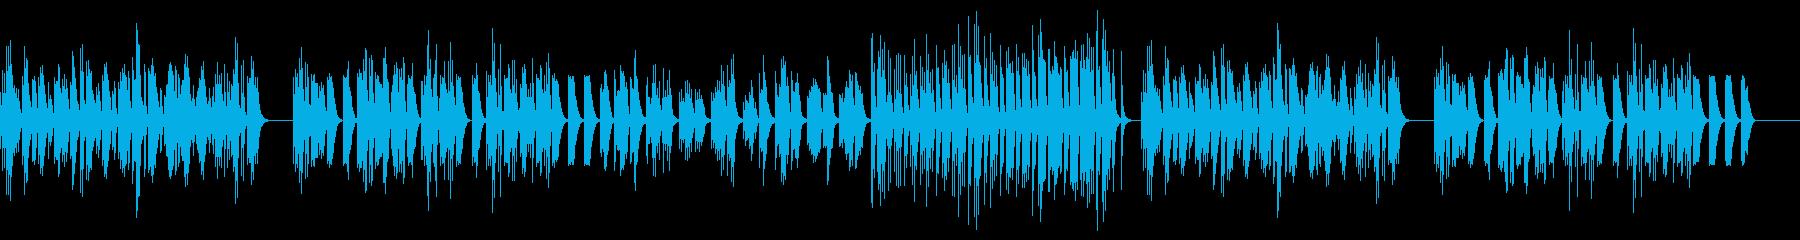 lo-fi風ピアノバラードの再生済みの波形